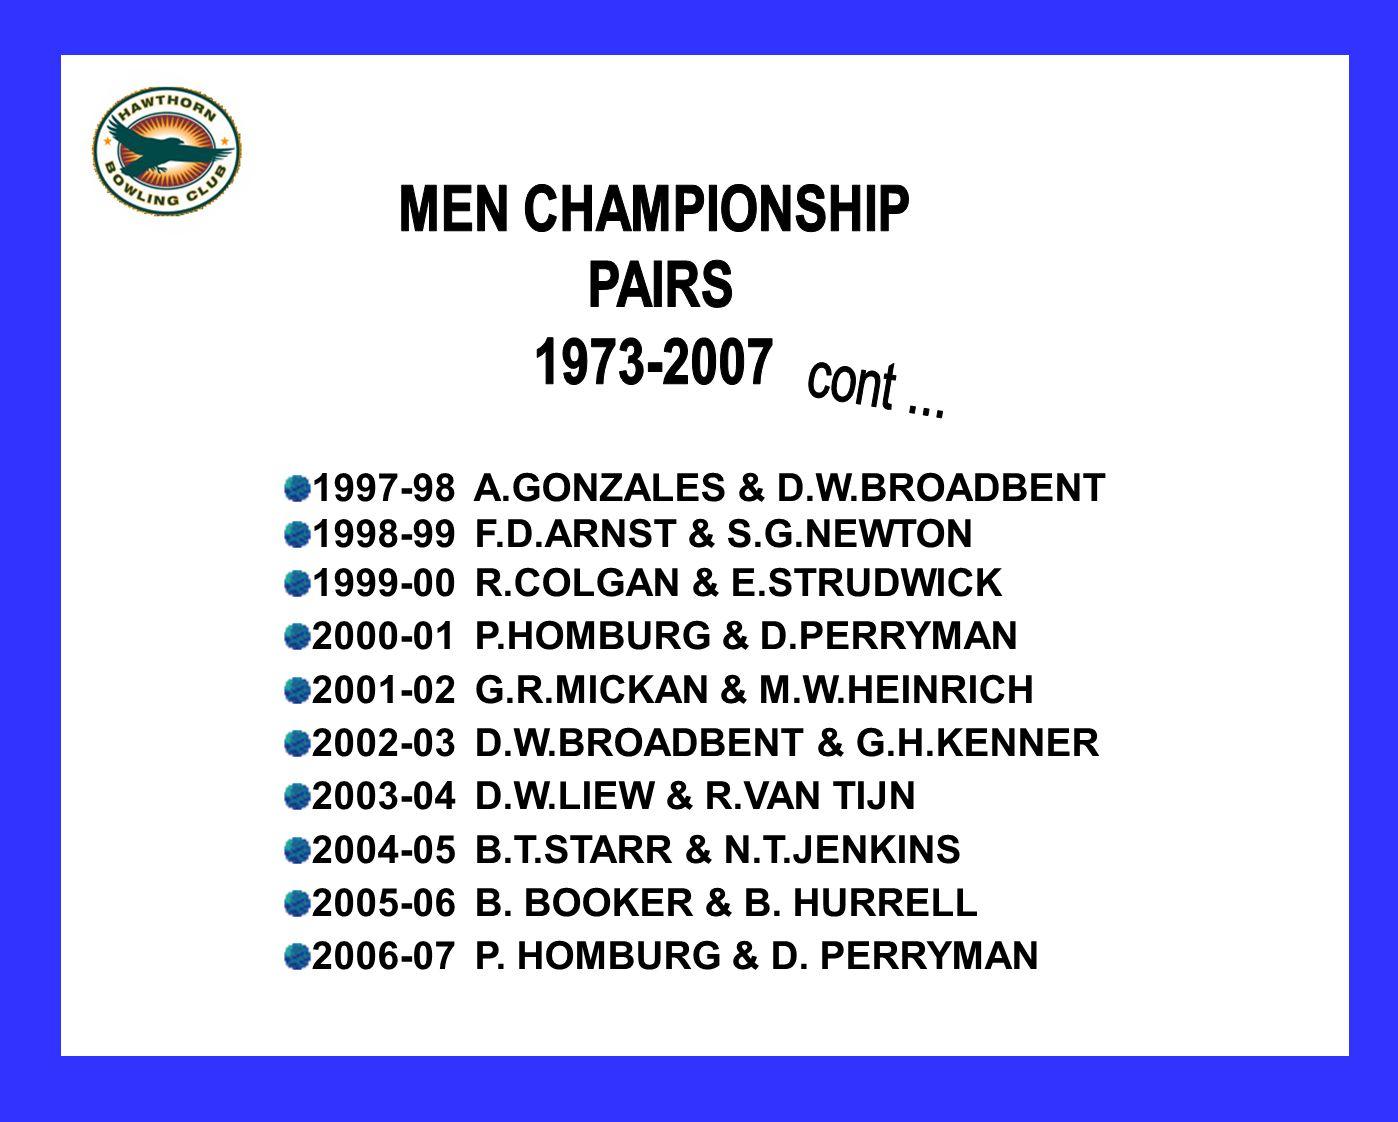 1997-98 A.GONZALES & D.W.BROADBENT 1998-99 F.D.ARNST & S.G.NEWTON 1999-00 R.COLGAN & E.STRUDWICK 2000-01 P.HOMBURG & D.PERRYMAN 2001-02 G.R.MICKAN & M